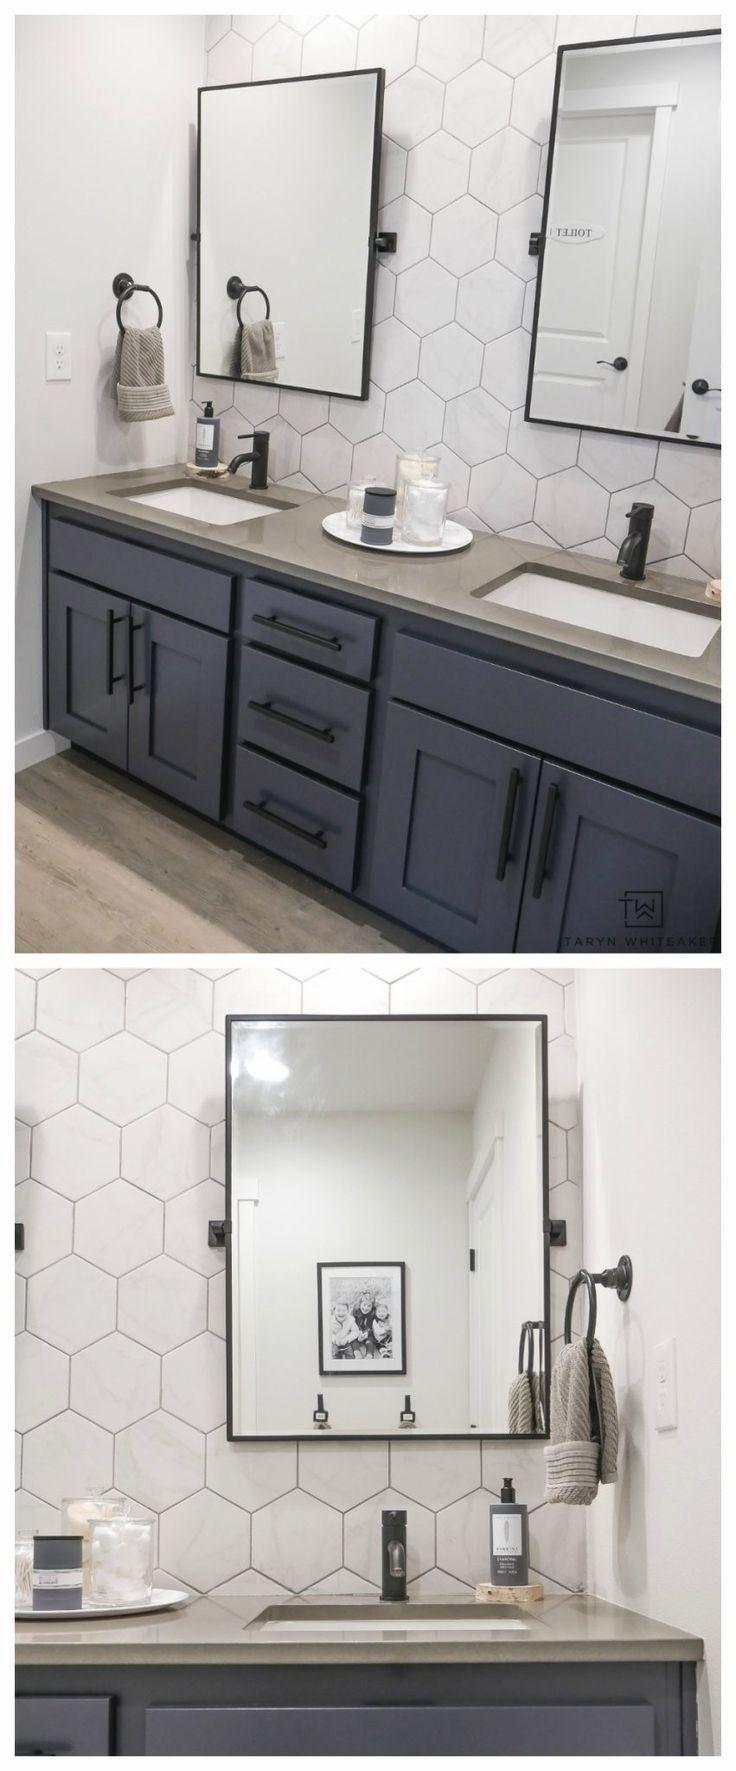 Diy Badezimmerschrank Makeover In 2020 Badezimmer Renovierungen Doppelwaschbecken Badezimmer Design